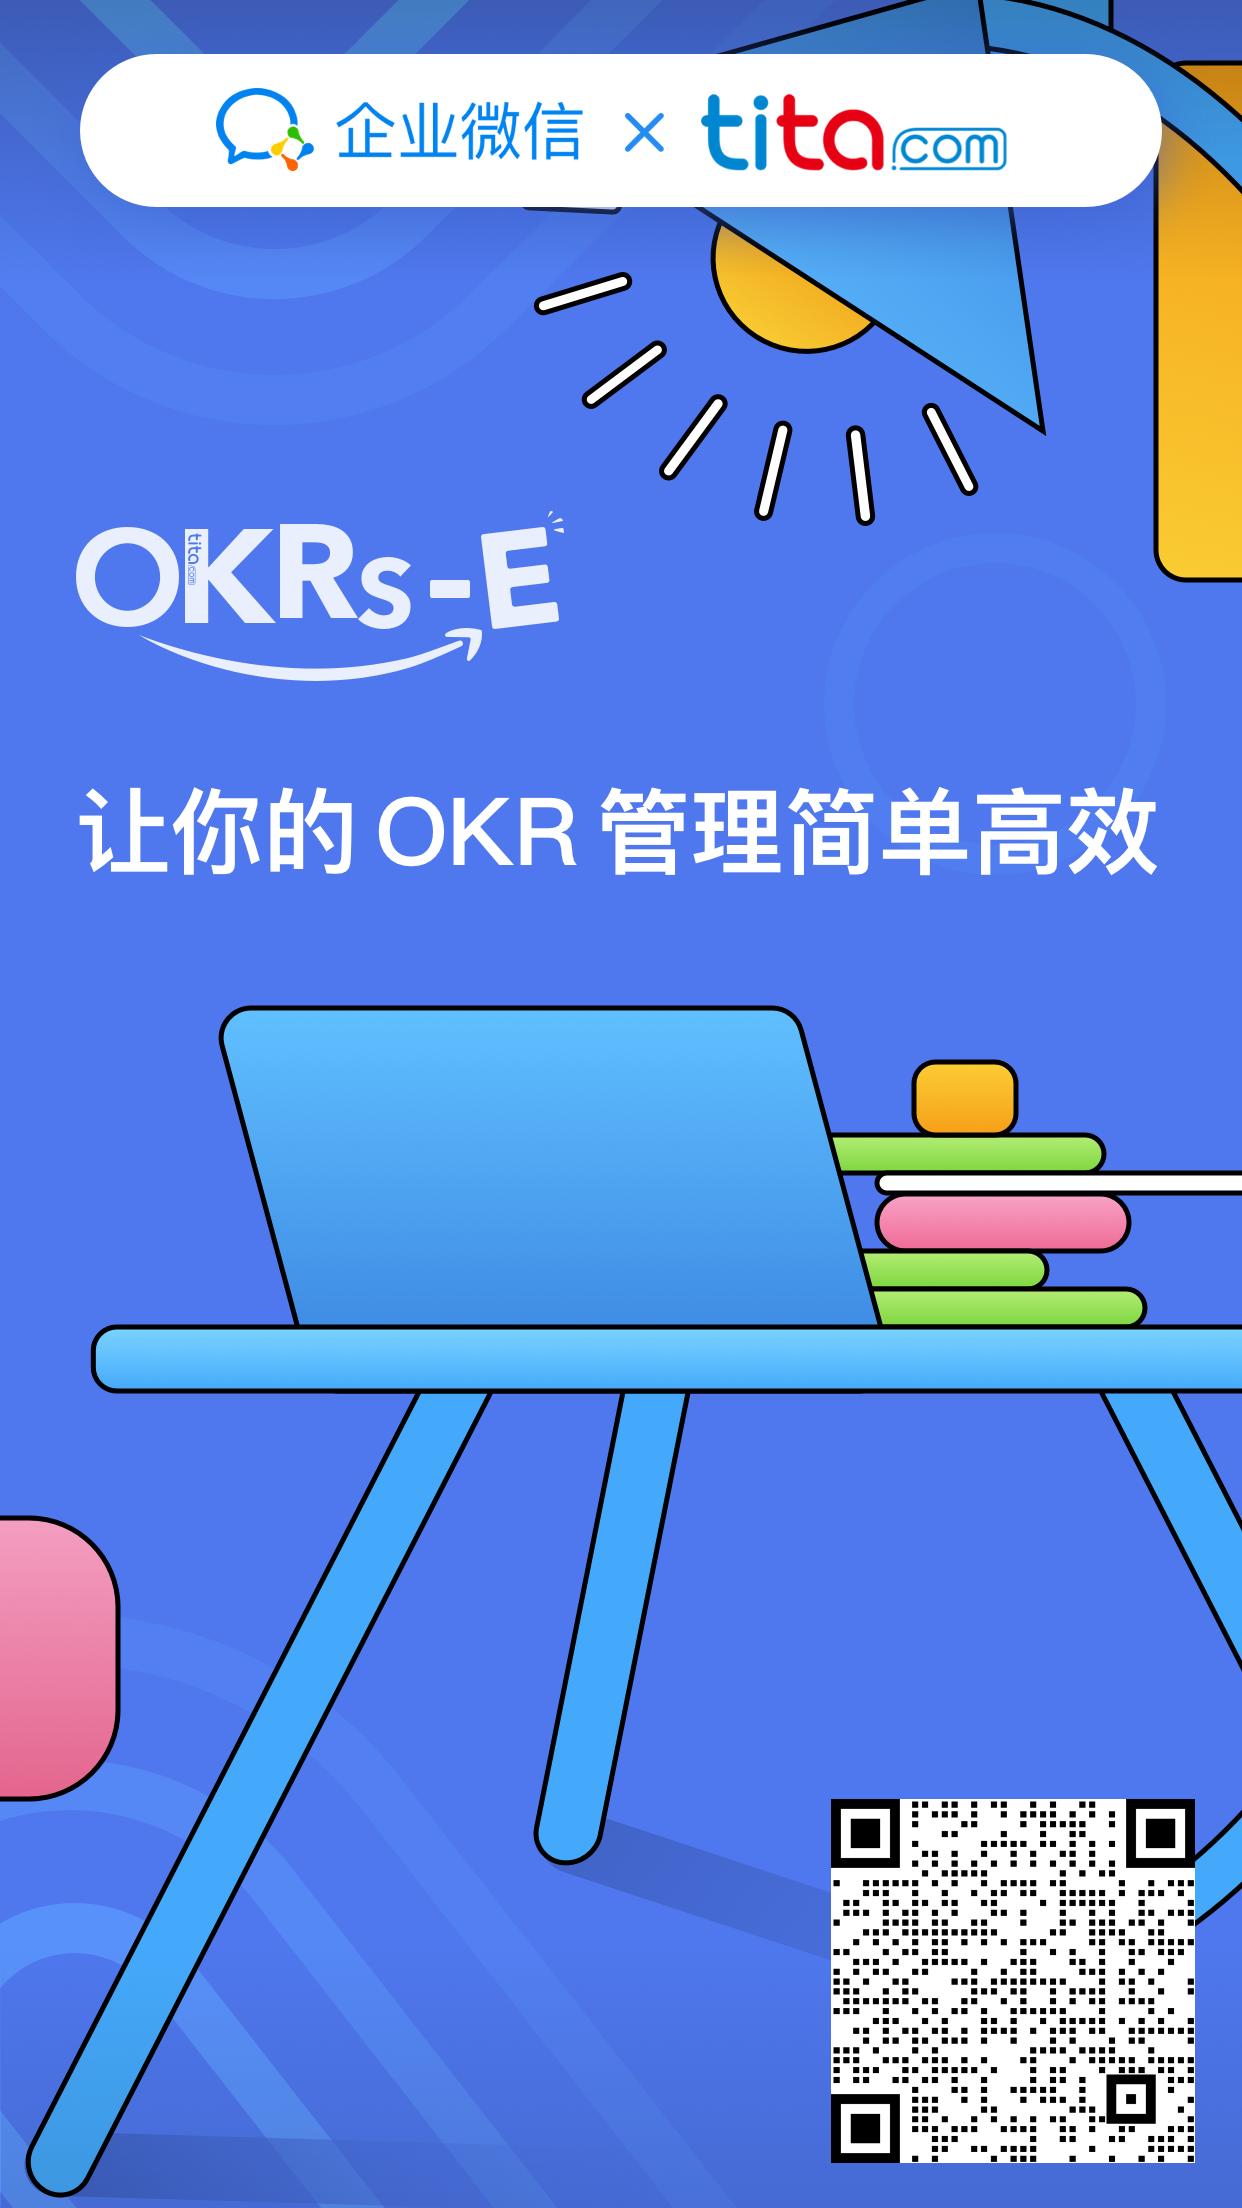 企业微信 X tita.com